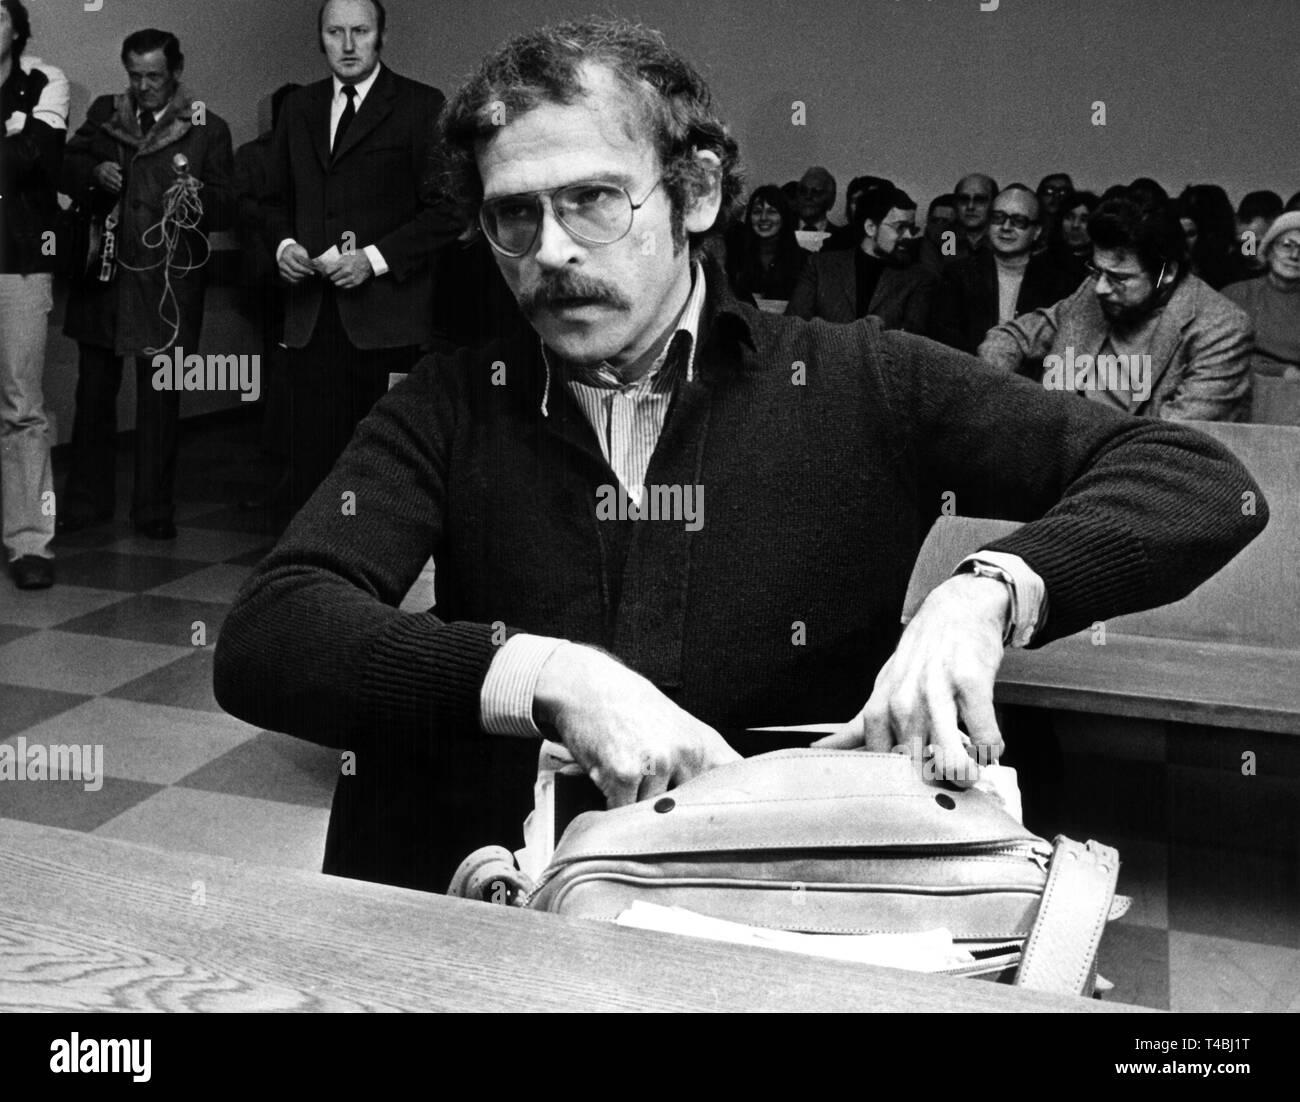 El escritor Günter Wallraff en el banquillo de los acusados antes de la audiencia en la corte comienza el 10 de diciembre de 1975. El escritor y autor de Colonia de 'informes' indeseables, Günter Wallraff (33), tenía que responder a cargos en el tribunal de magistrados de Colonia el miércoles, 10 de diciembre de 1975. Las acusaciones de la fiscalía a él con la falsificación de documentos y uso indebido de documentos de identidad. Con un nombre equivocado, Wallraff había trabajado como mensajero en la preocupación de seguros Gerling en Colonia en 1973. Él había autorizado a sí mismo con tarjetas de seguro de pensiones por invalidez y bajo su nombre equivocado y publicó sus experiencias más adelante en la b Foto de stock